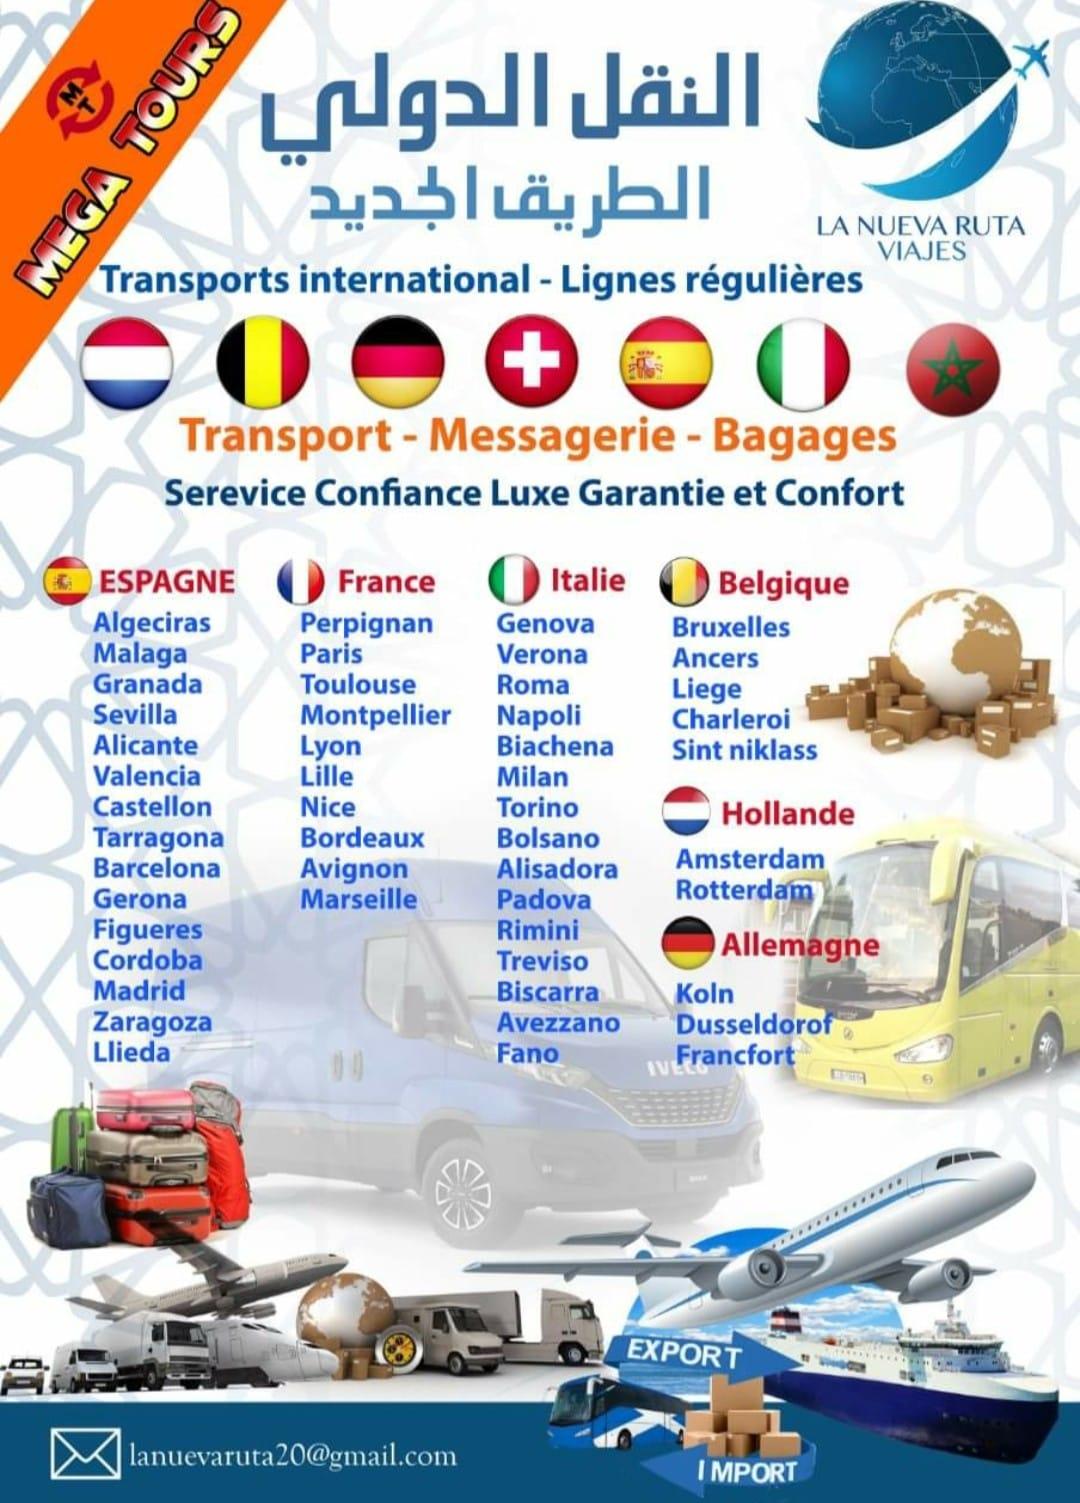 La nueva ruta viajes trans النقل الدولي الطريق الجديد